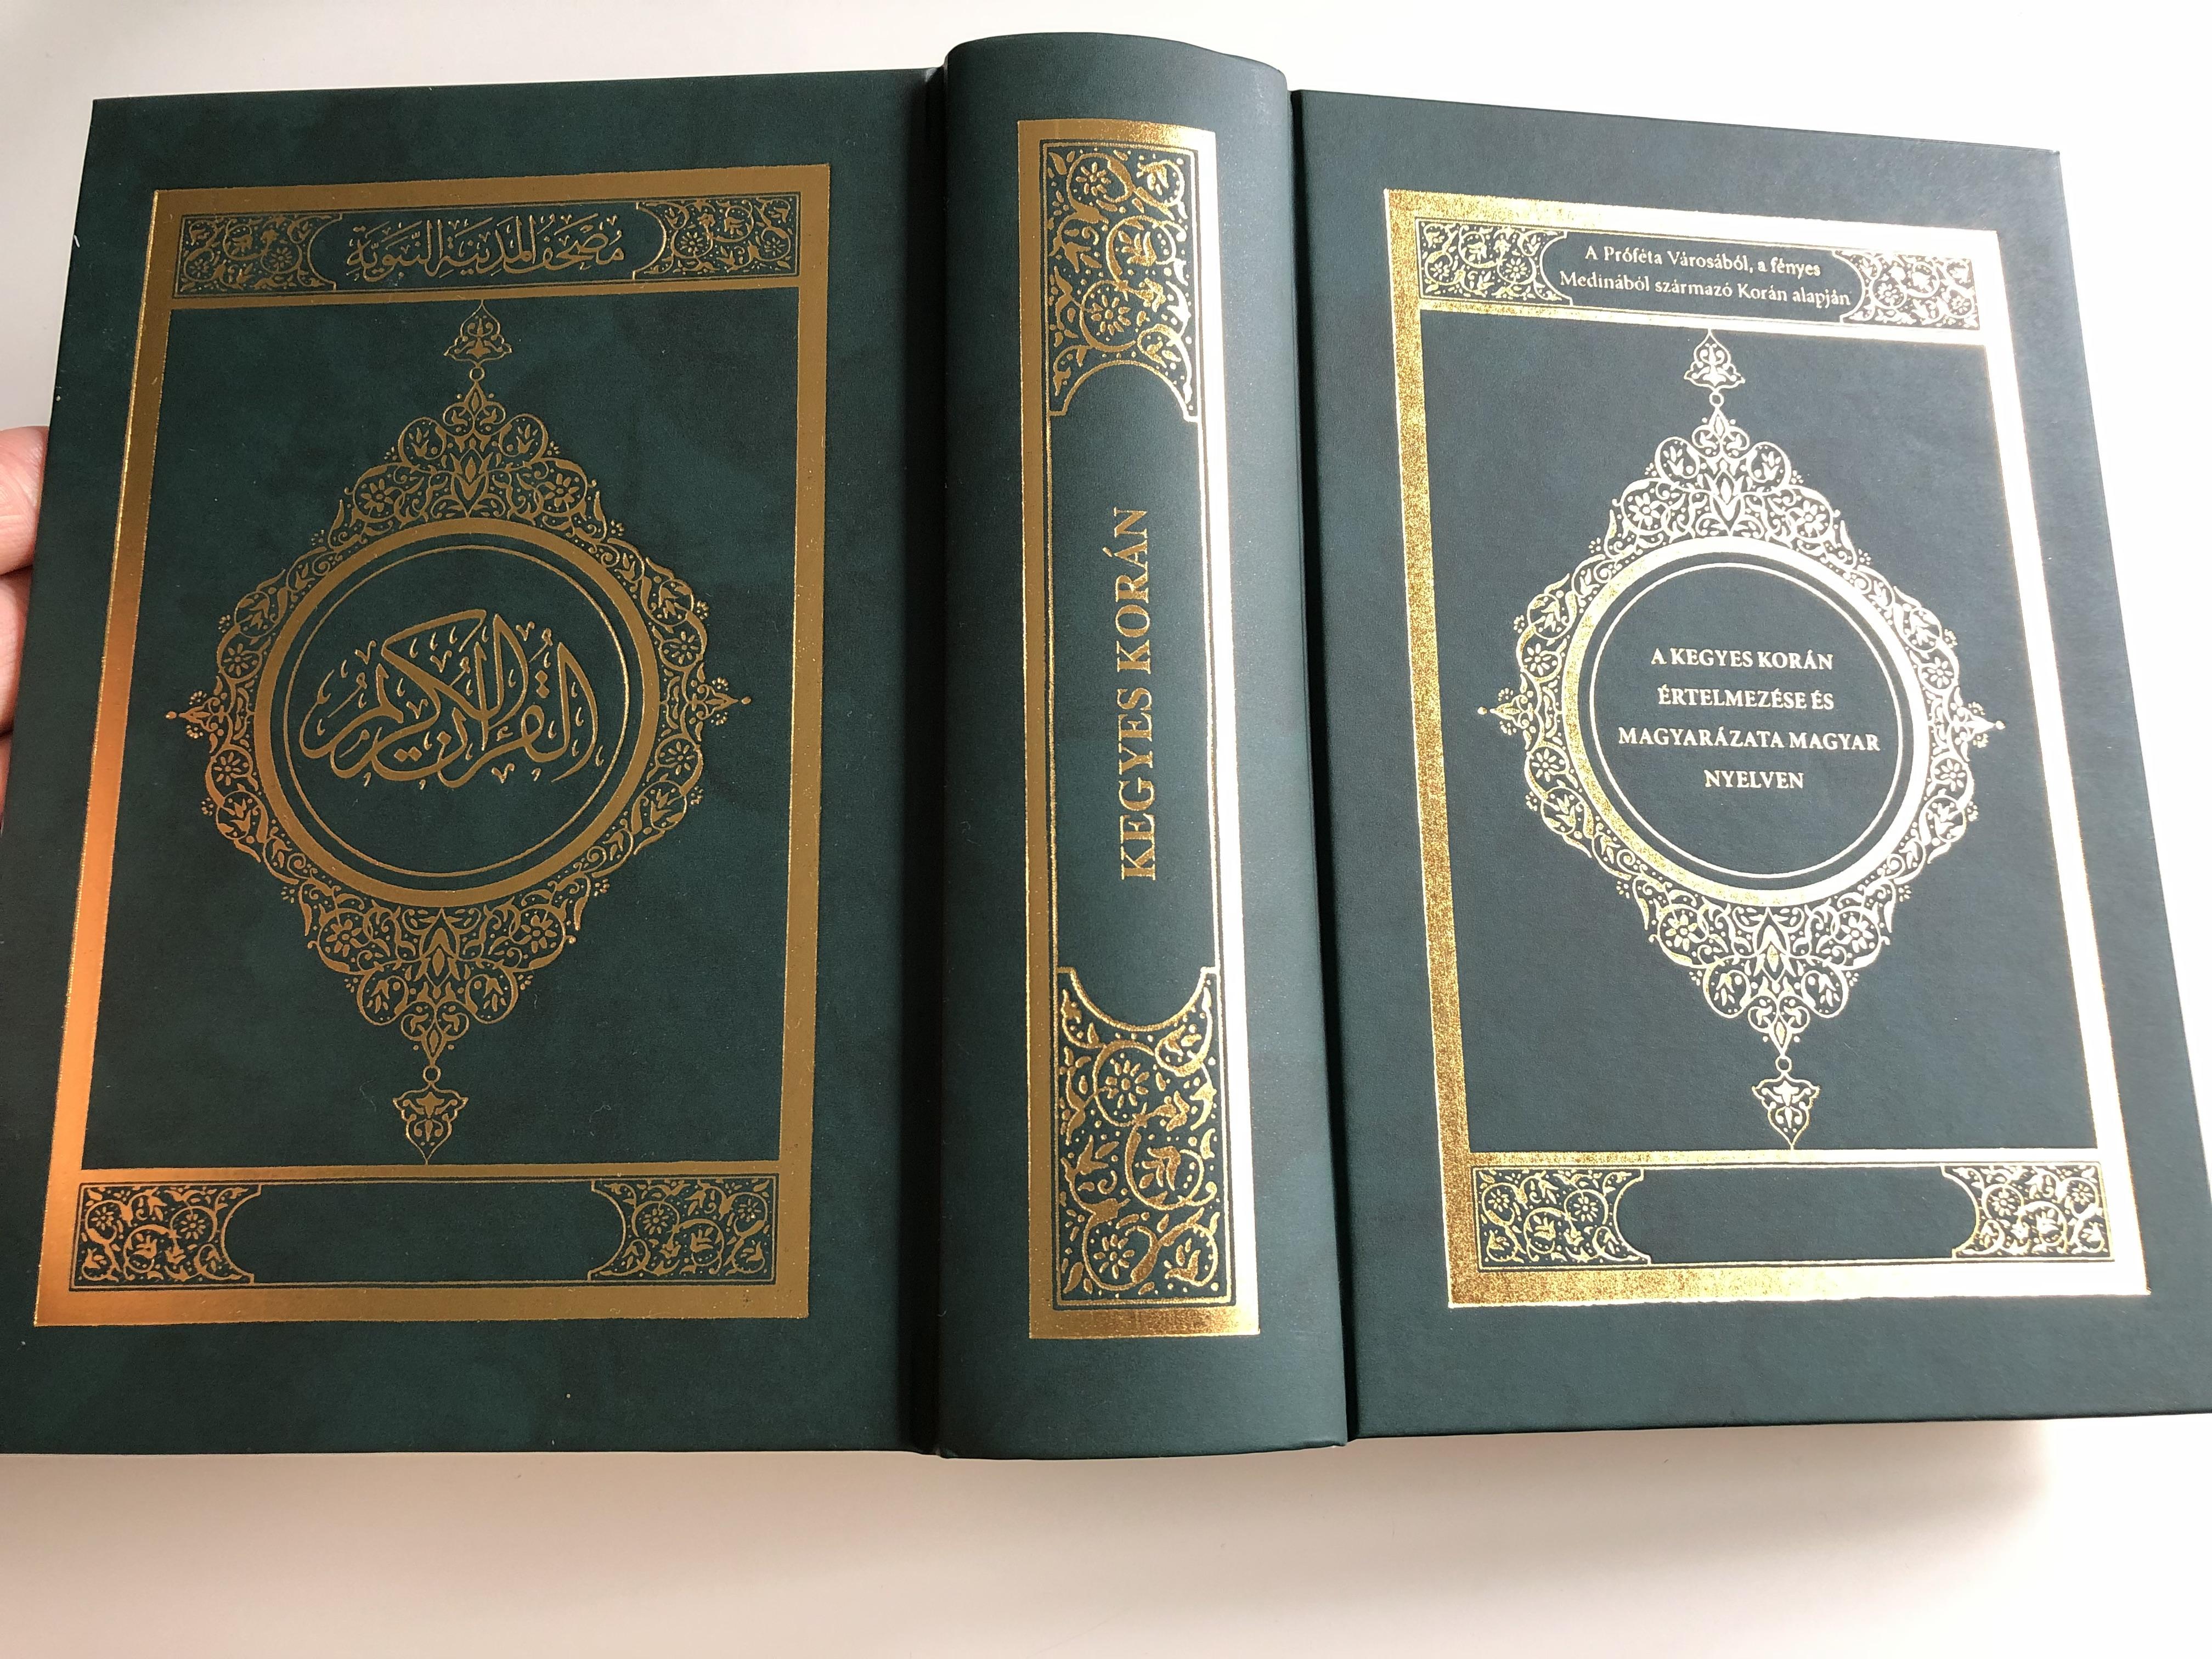 kegyes-kor-n-hungarian-interpretation-of-the-qur-an-a-pr-f-ta-v-ros-b-lm-a-f-nyes-medin-b-l-sz-rmaz-kor-n-alapj-n-hardcover-2010-hanif-iszl-m-3-.jpg